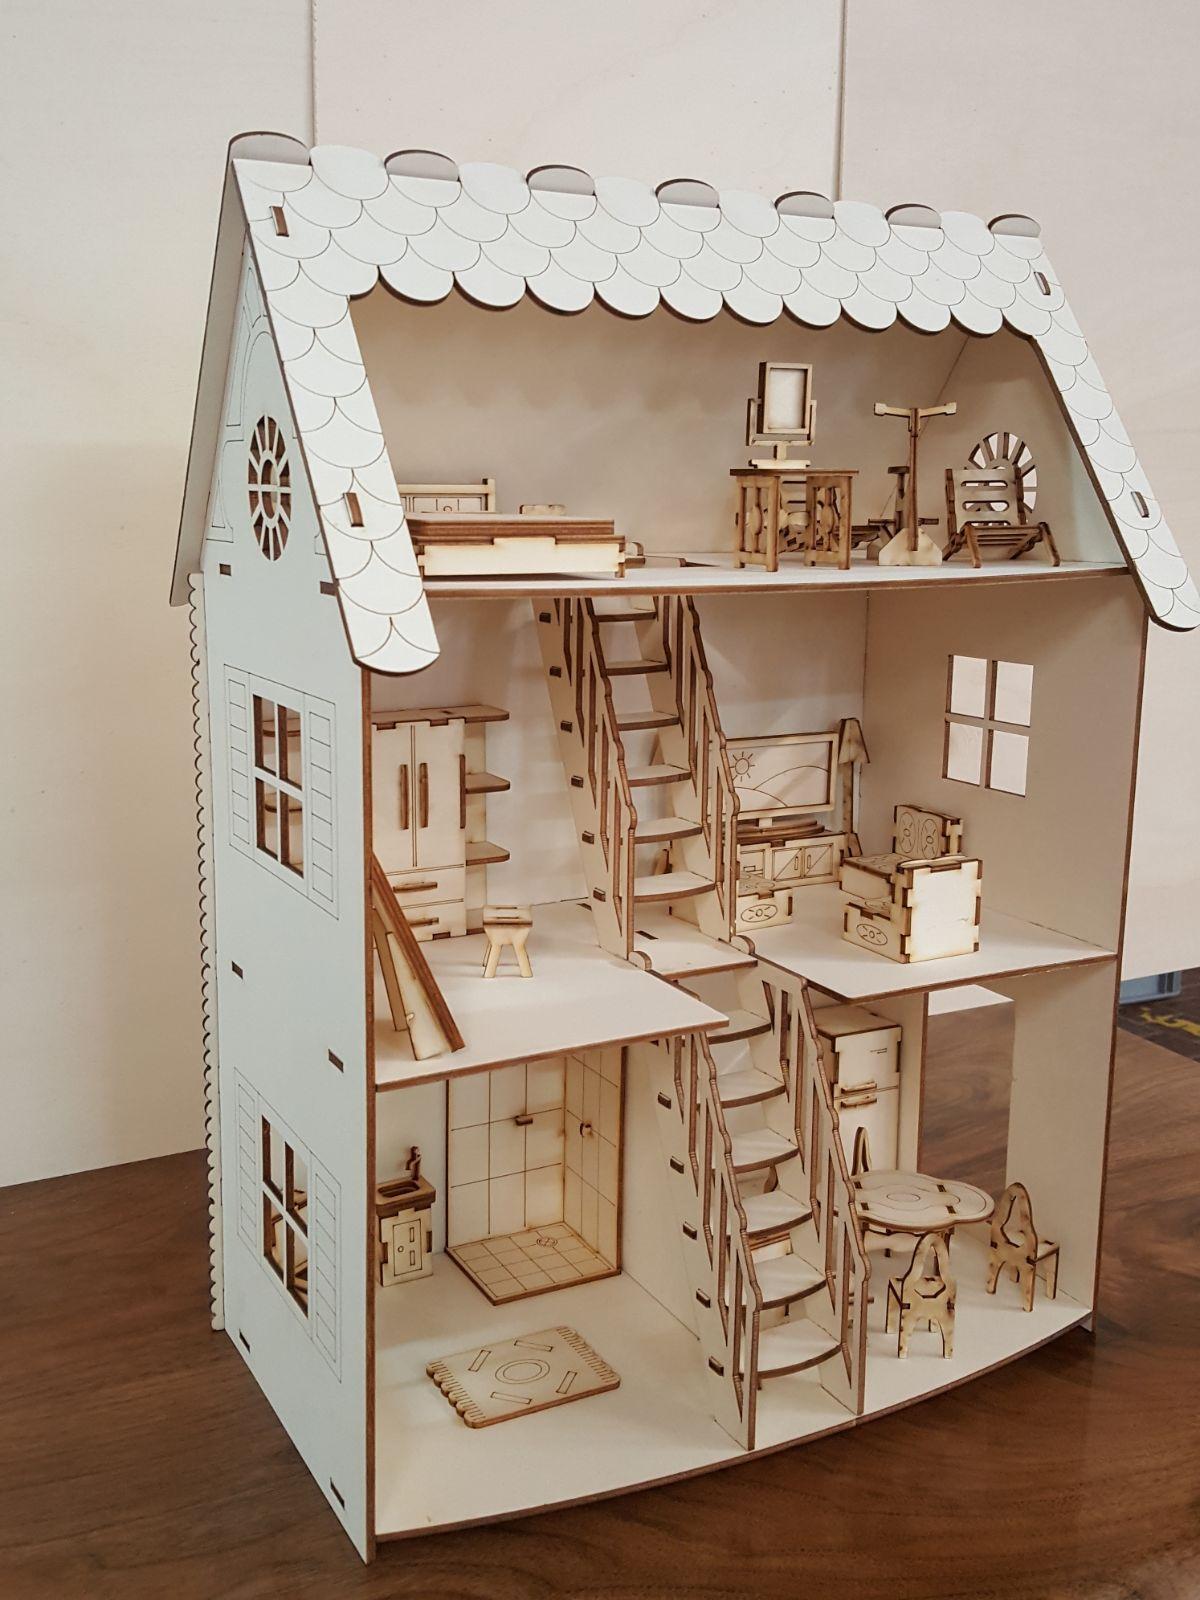 Domek pro panenky / Dětský dřevěný domeček pro panenky 36 x 50 x 20cm